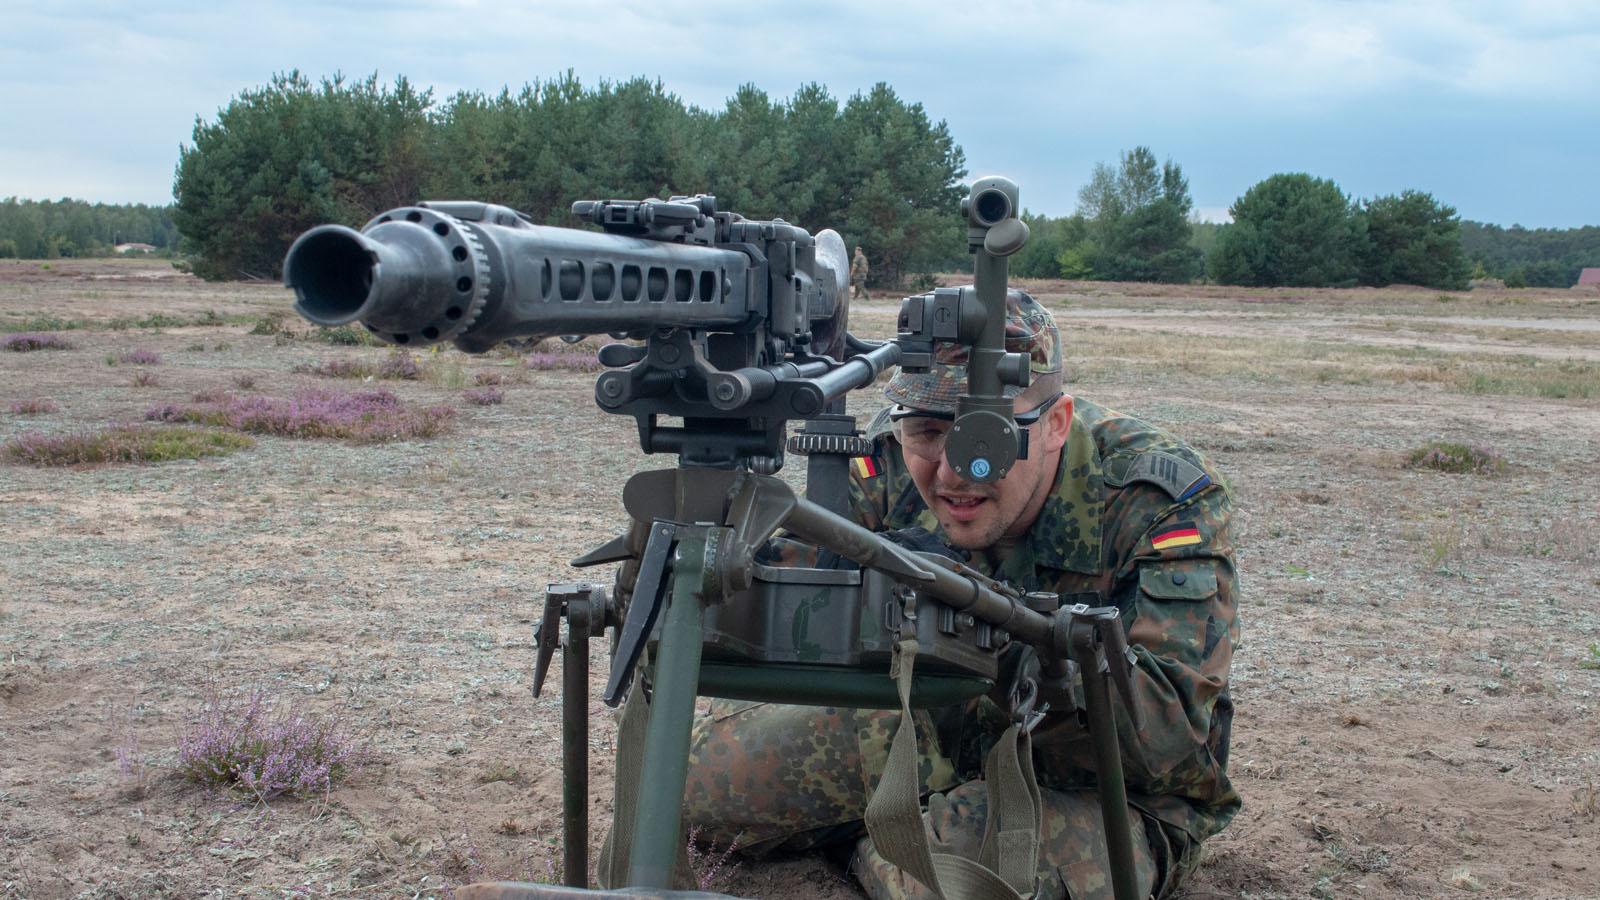 Ein Reservist schaut durch das Zielfernrohr der Erdziellafette